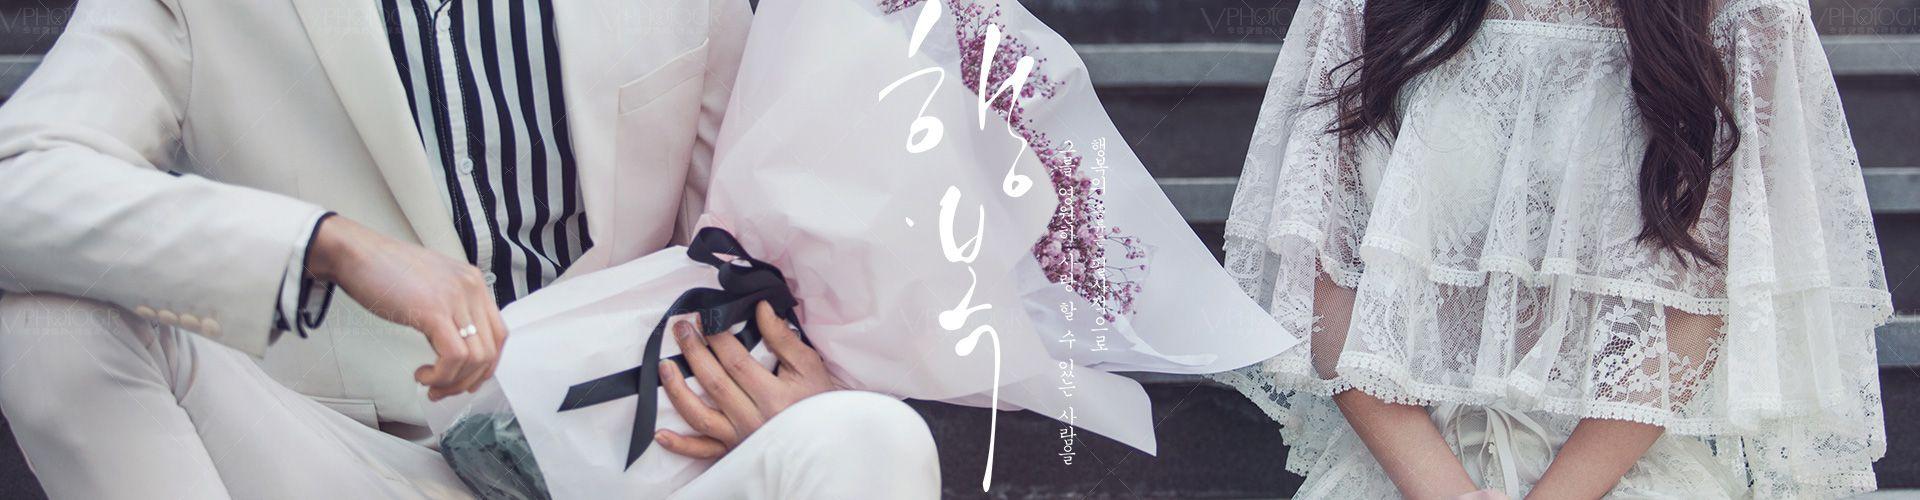 佳片集锦第7季